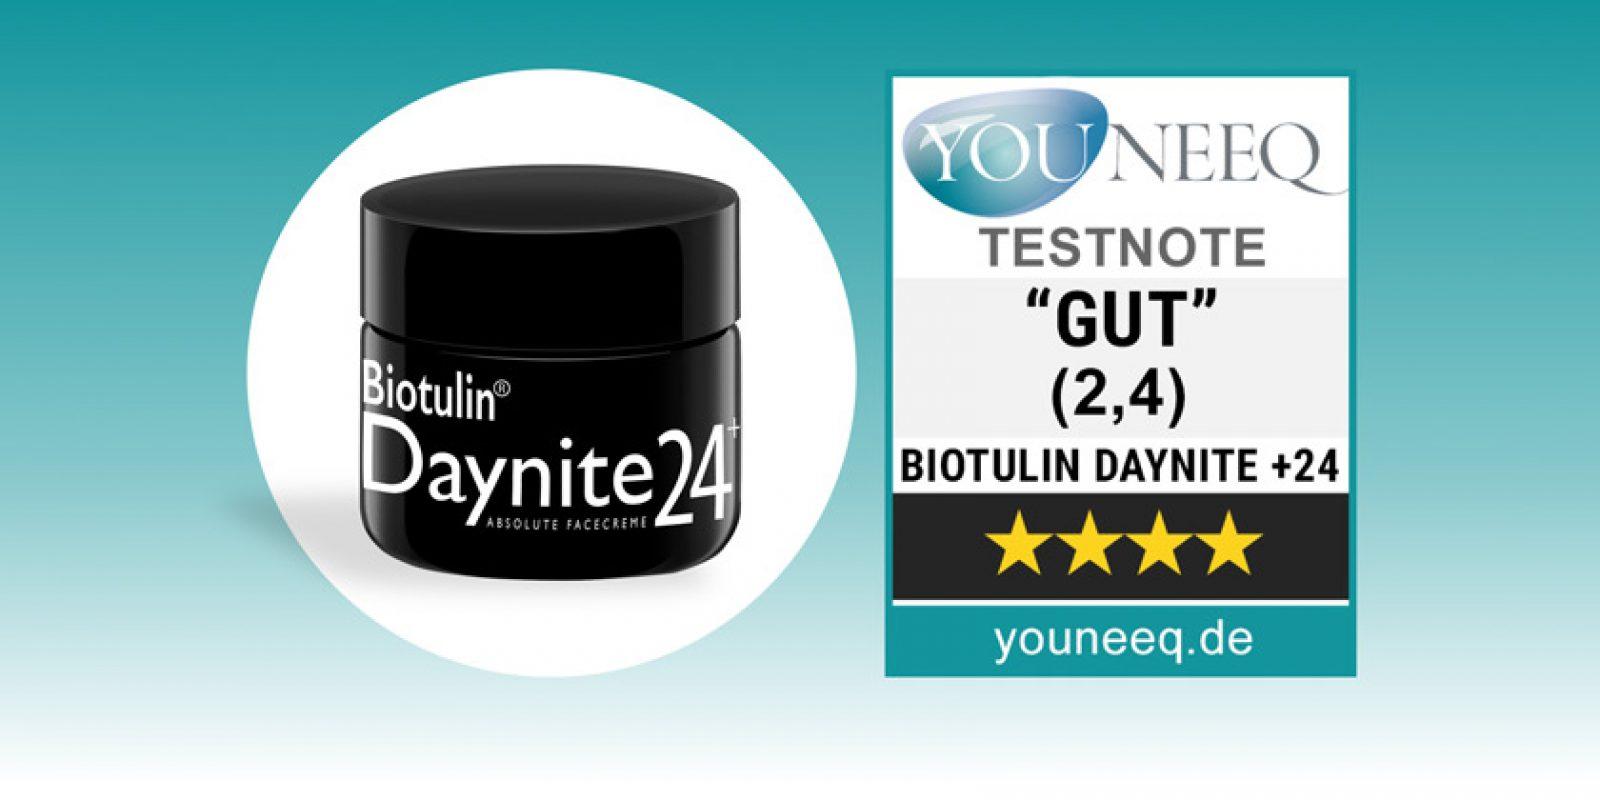 Biotulin Daynite 24 Erfahrungen